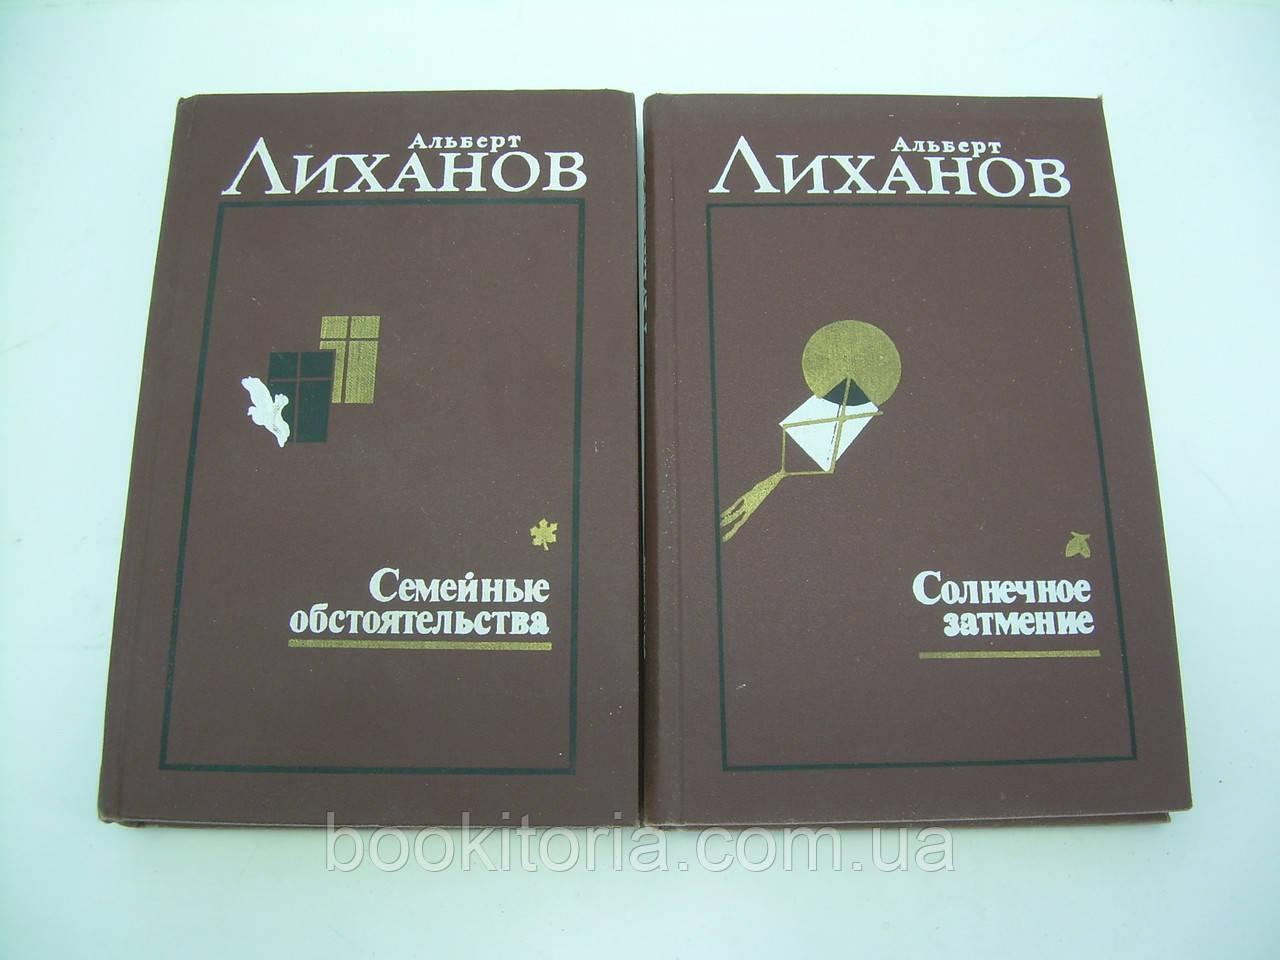 Лиханов А. Избранное в двух томах (б/у).